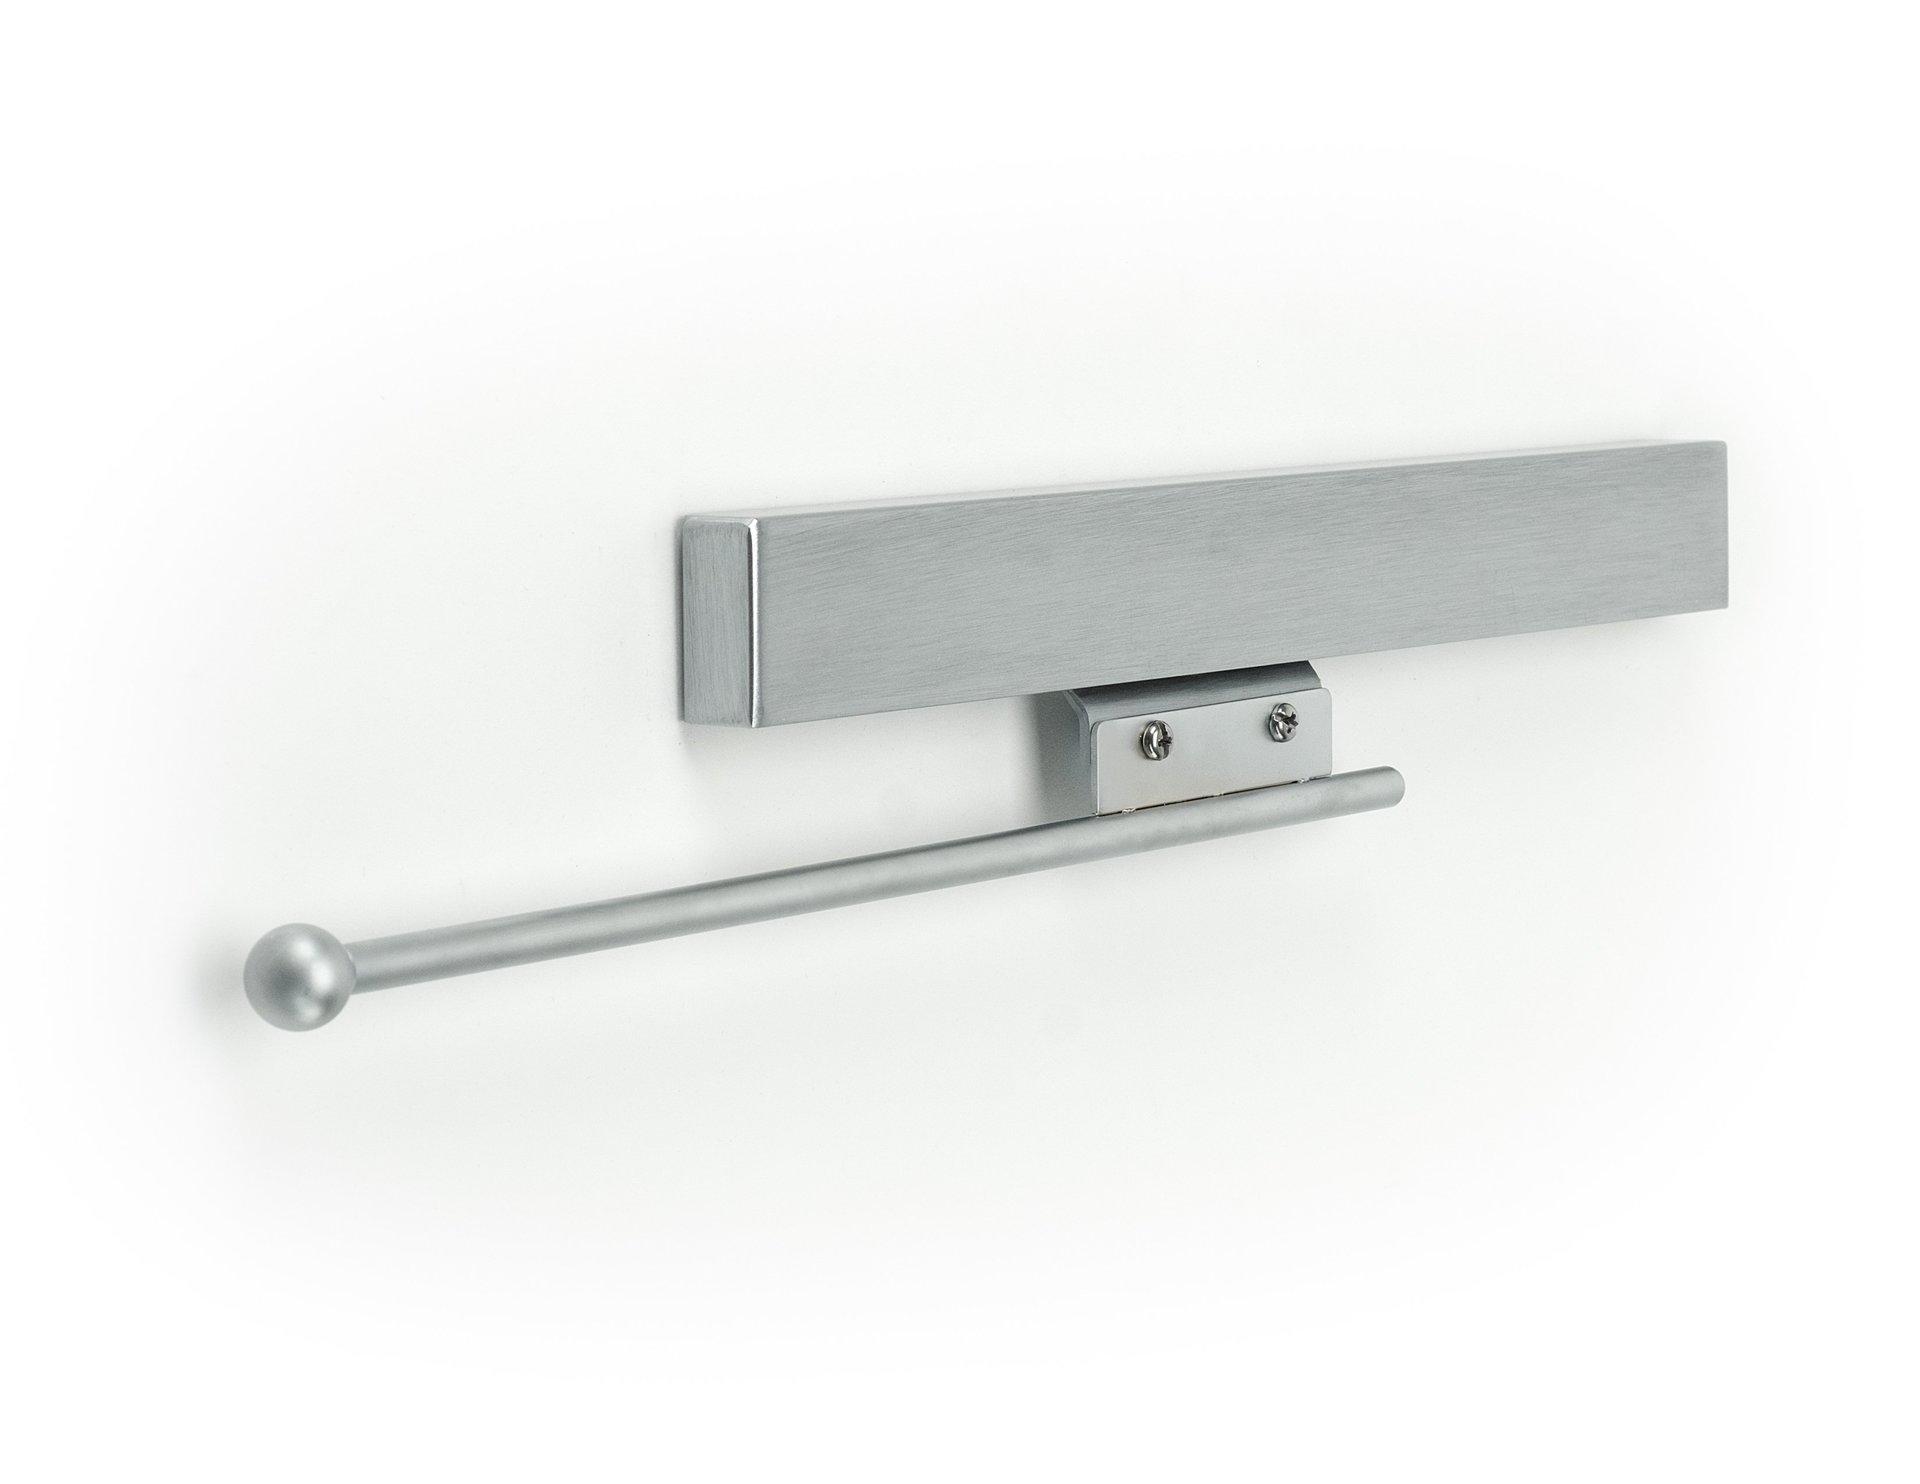 Brushed Chrome Valet Rod